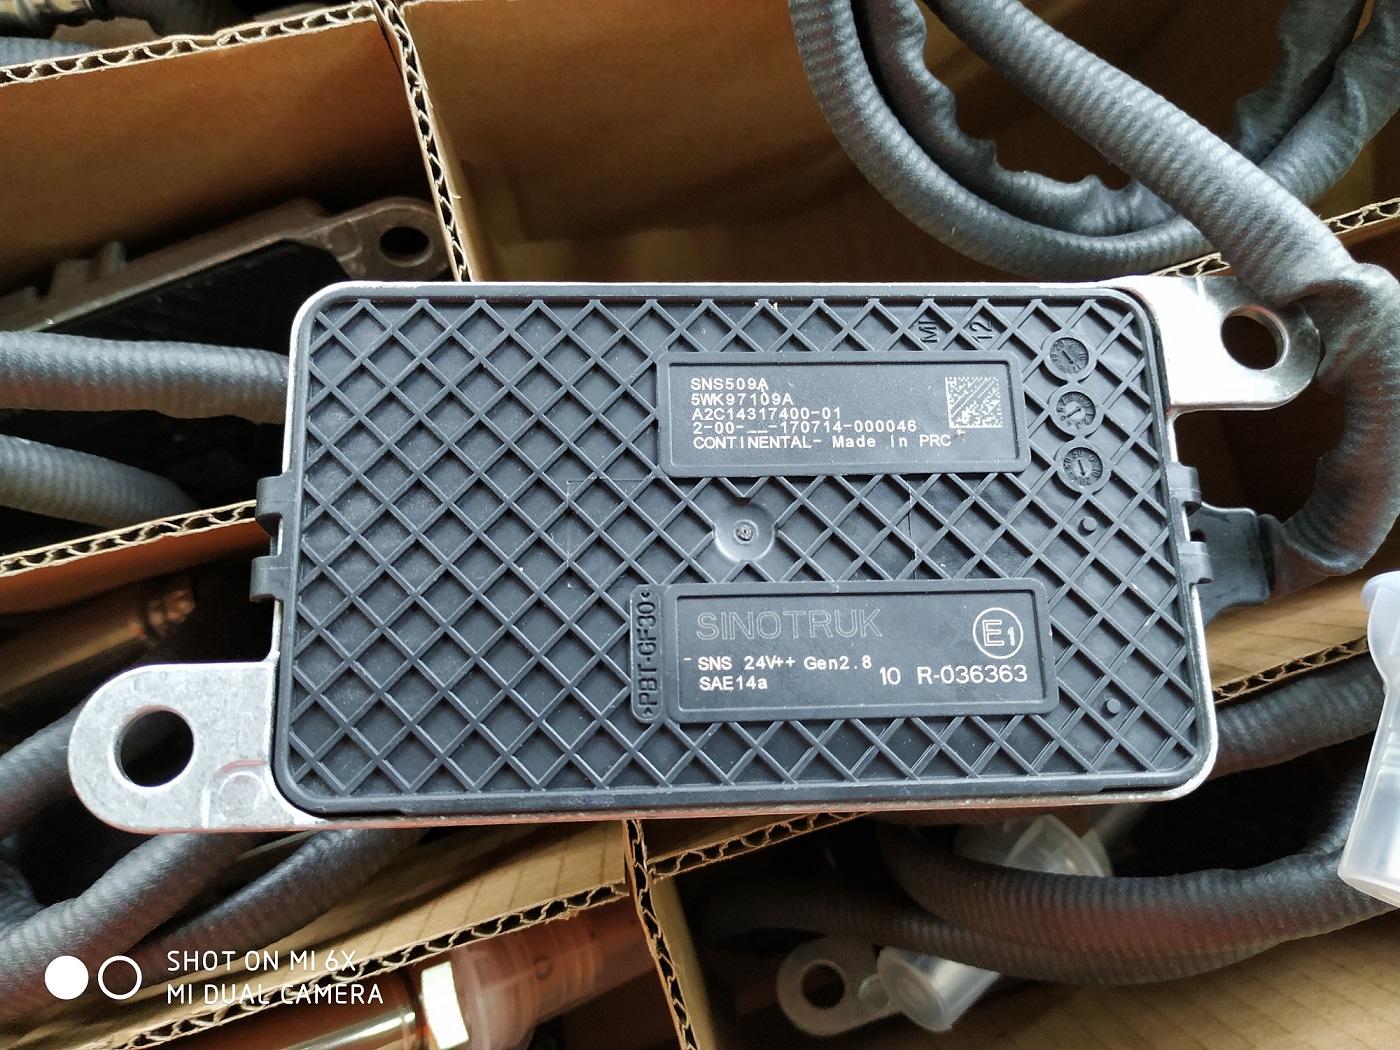 5WK9 7103 Continental Nox sensor hot sell (Uninox sensor)-sukorun